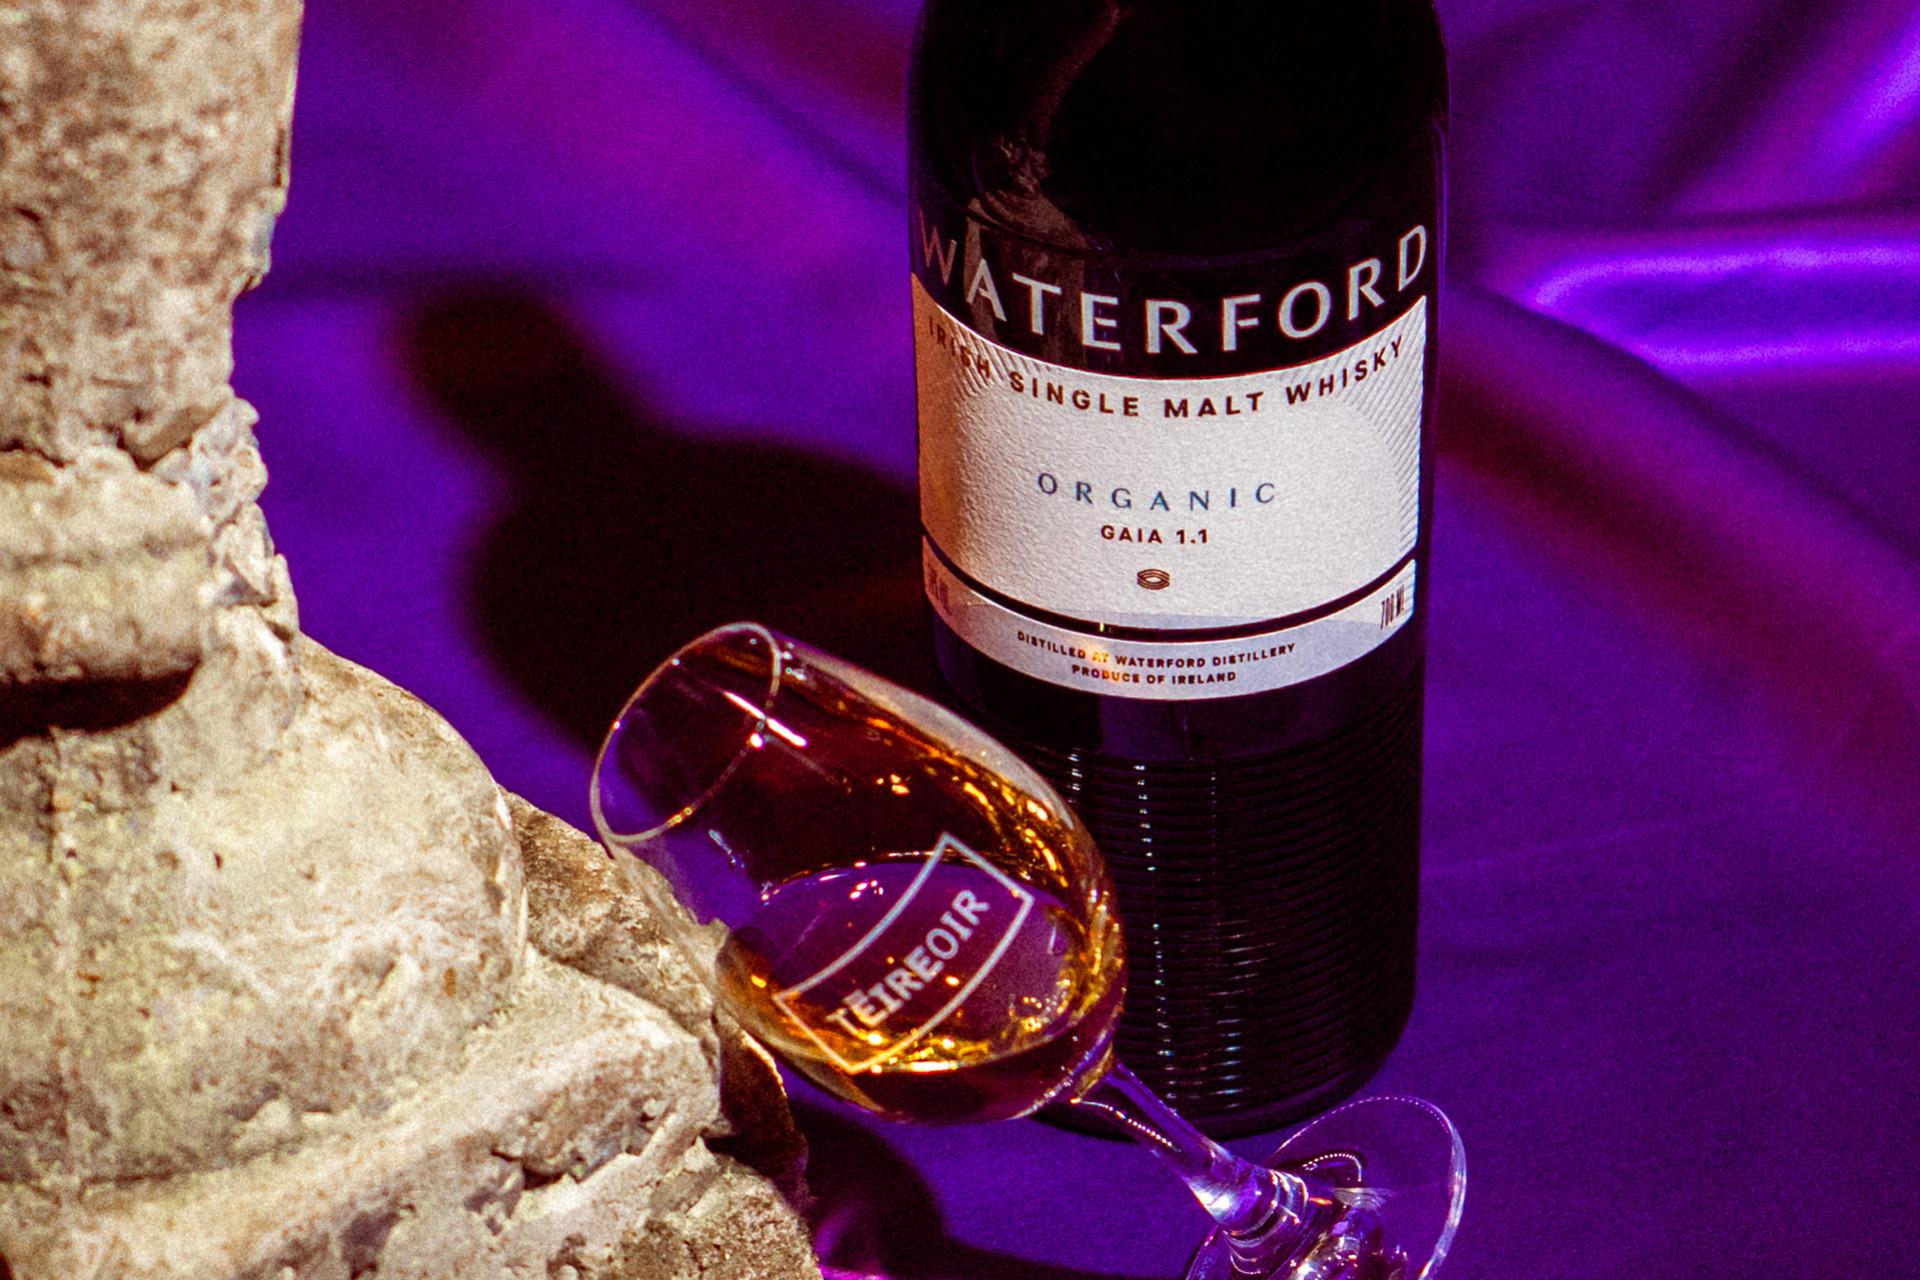 Waterford Irish whiskey